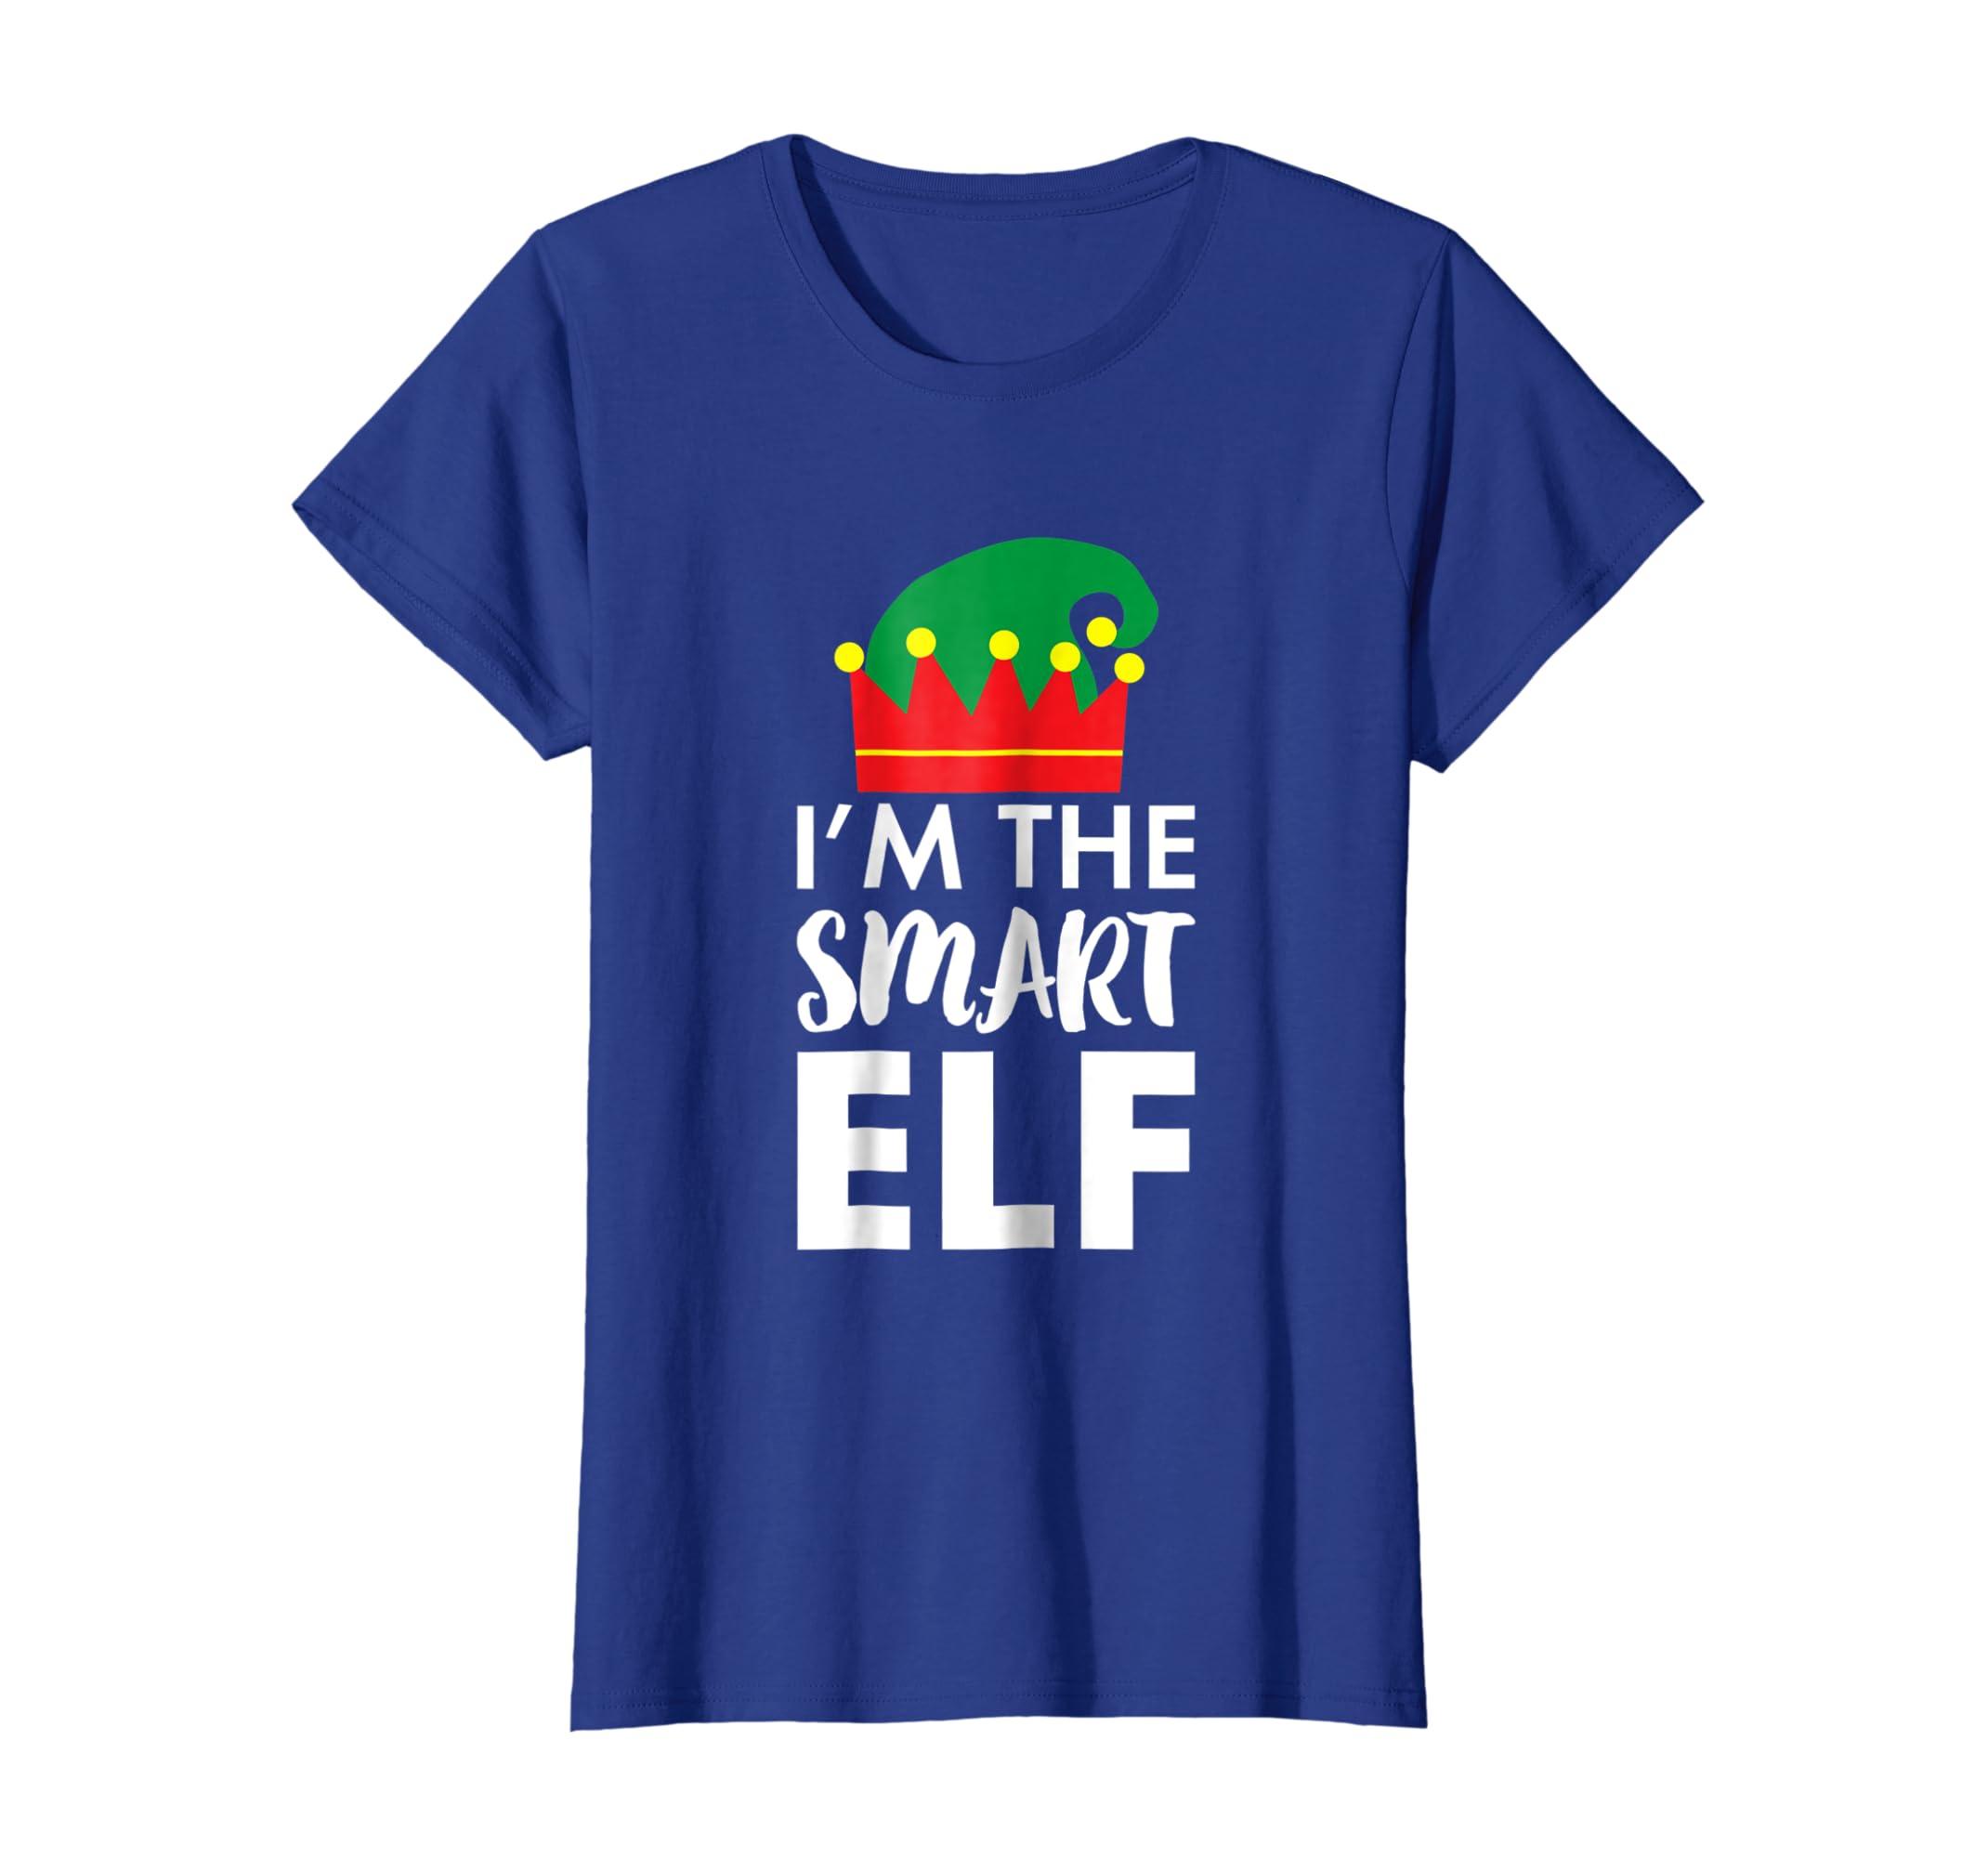 961f8feb Amazon.com: Cute Elf Smart T-Shirt Funny Clever Elf Shirt Holiday TShirt:  Clothing